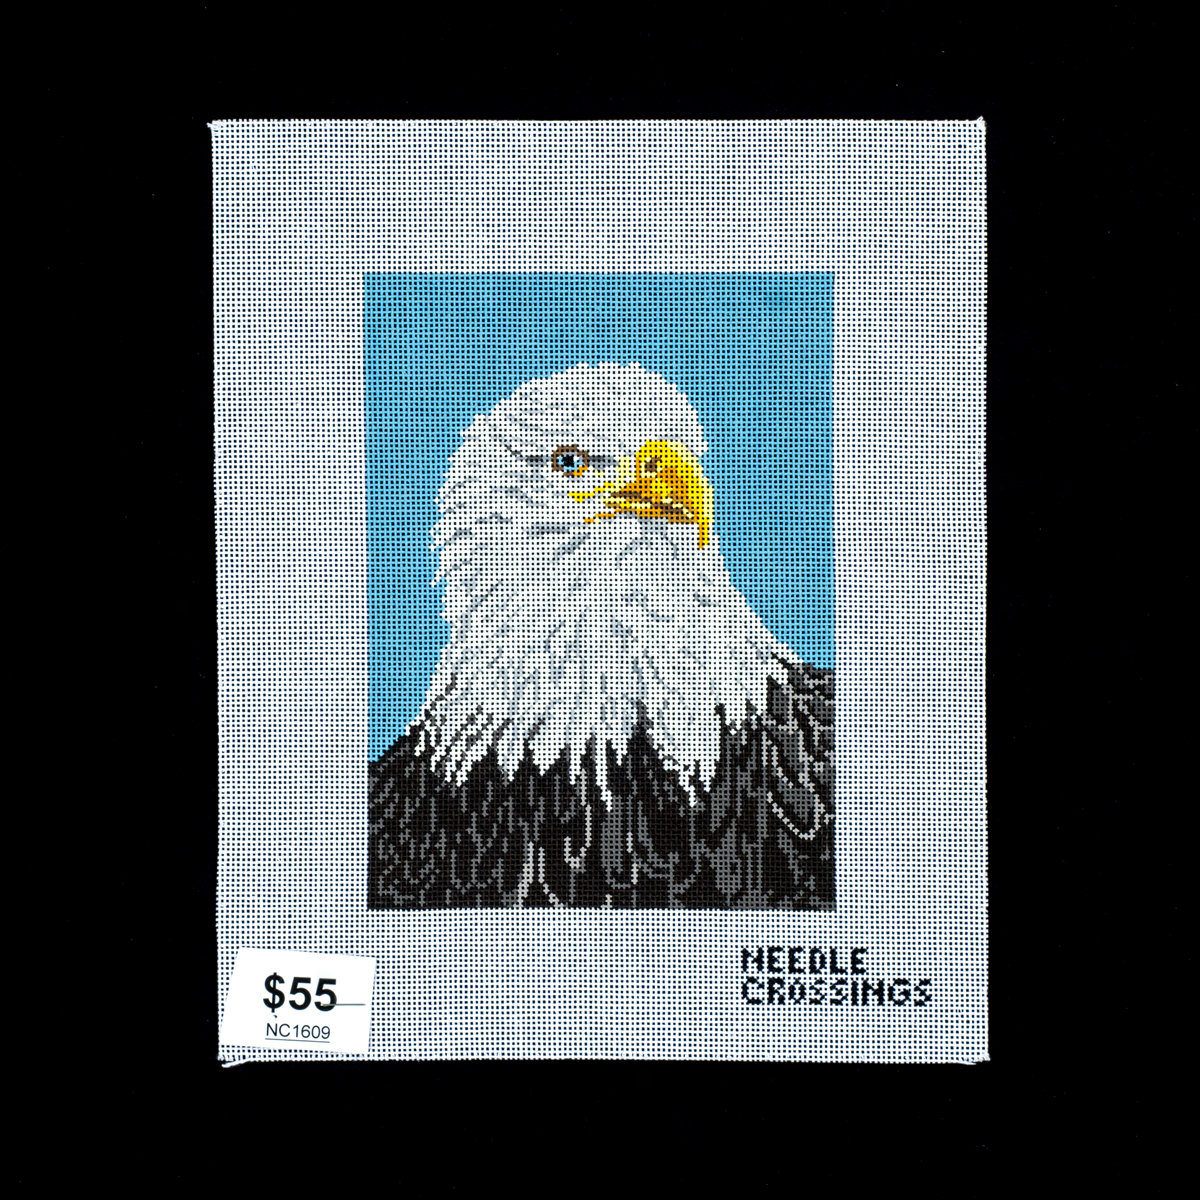 Needle Crossings, Eagle, NC1609